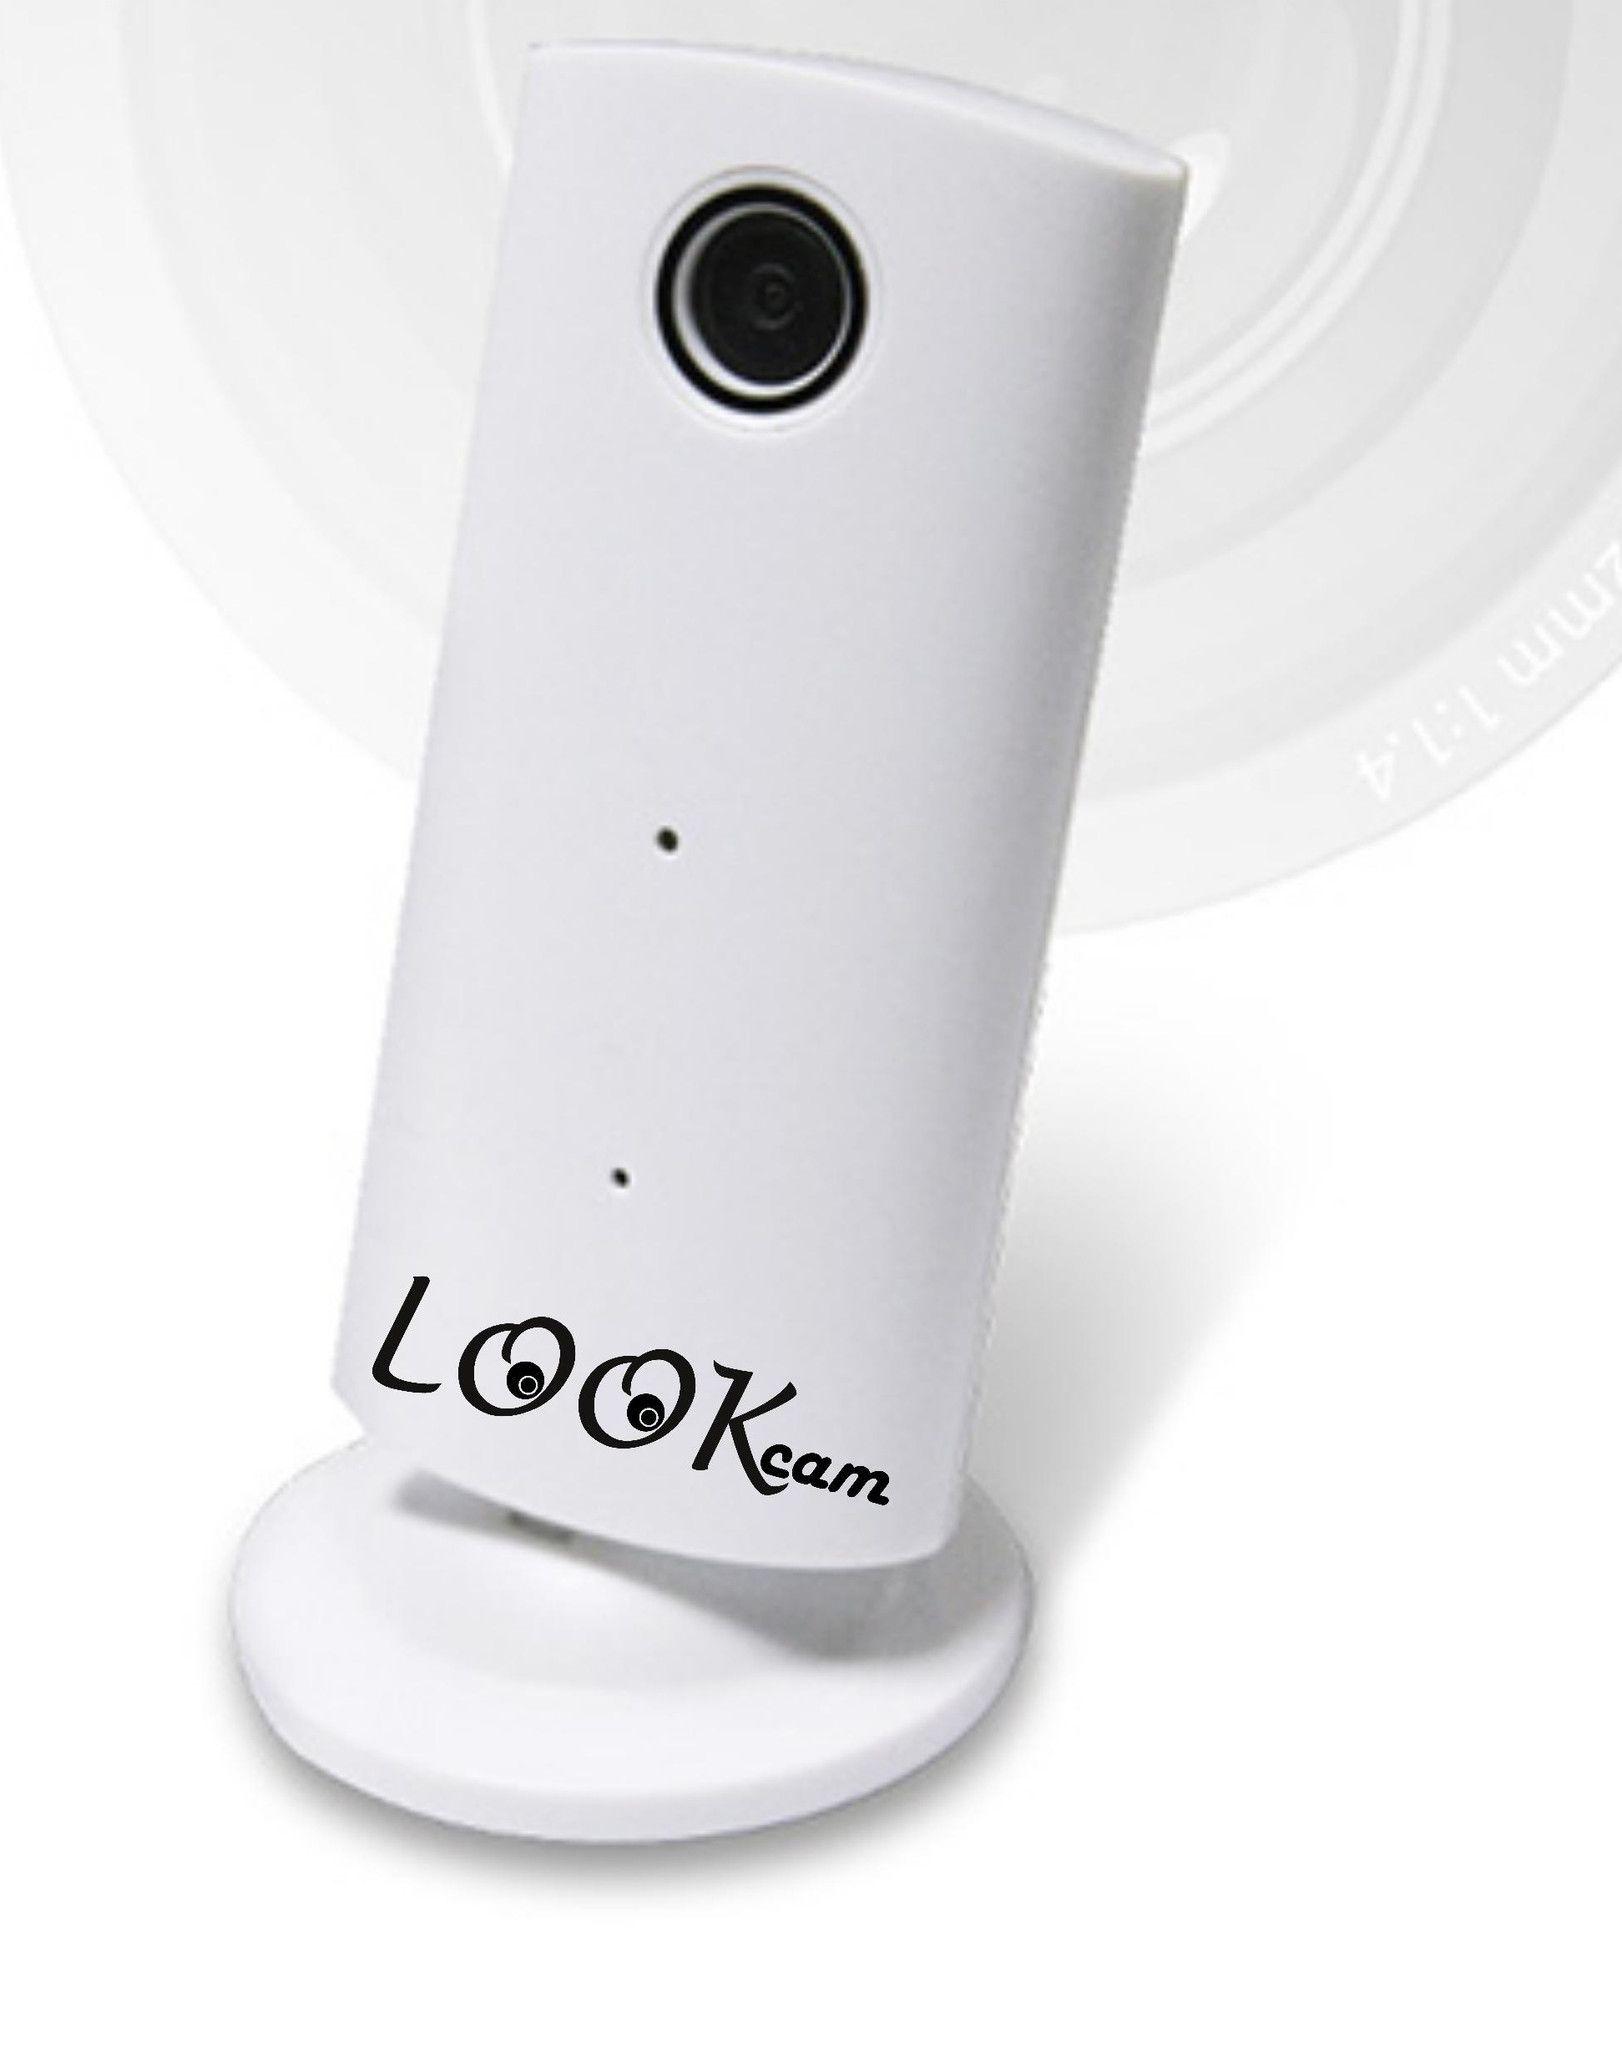 LOOKcam WIFI Security Camera no storage fees, dropbox